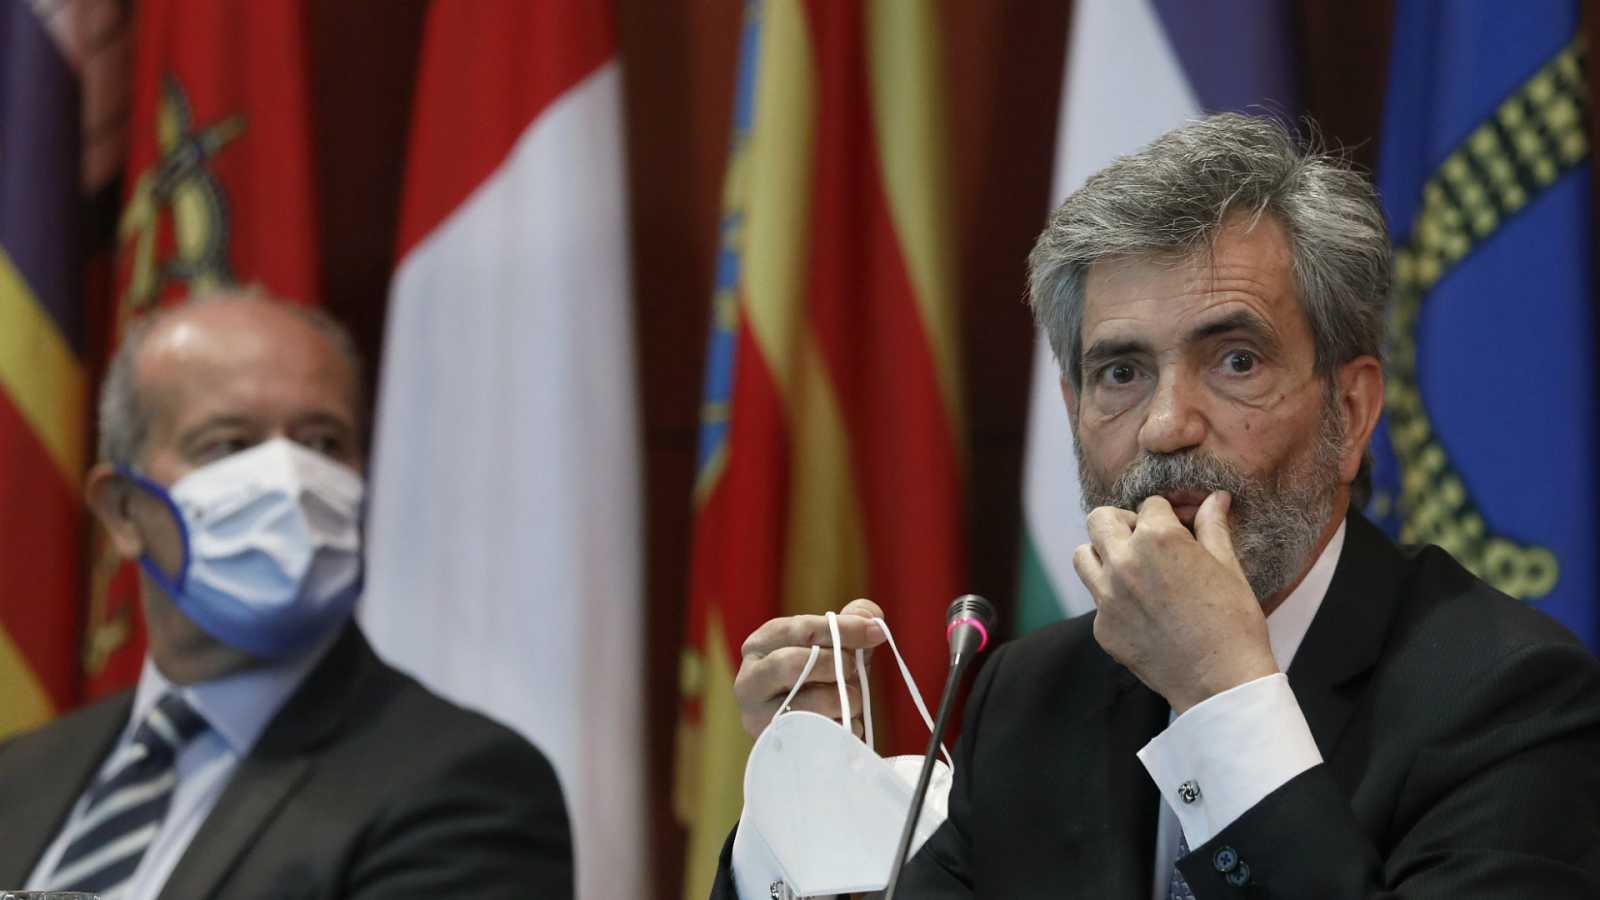 """14 horas - Bruselas vuelve a advertir al Gobierno de que """"debe consultar a todas las partes"""" para reformar el CGPJ - Escuchar ahora"""